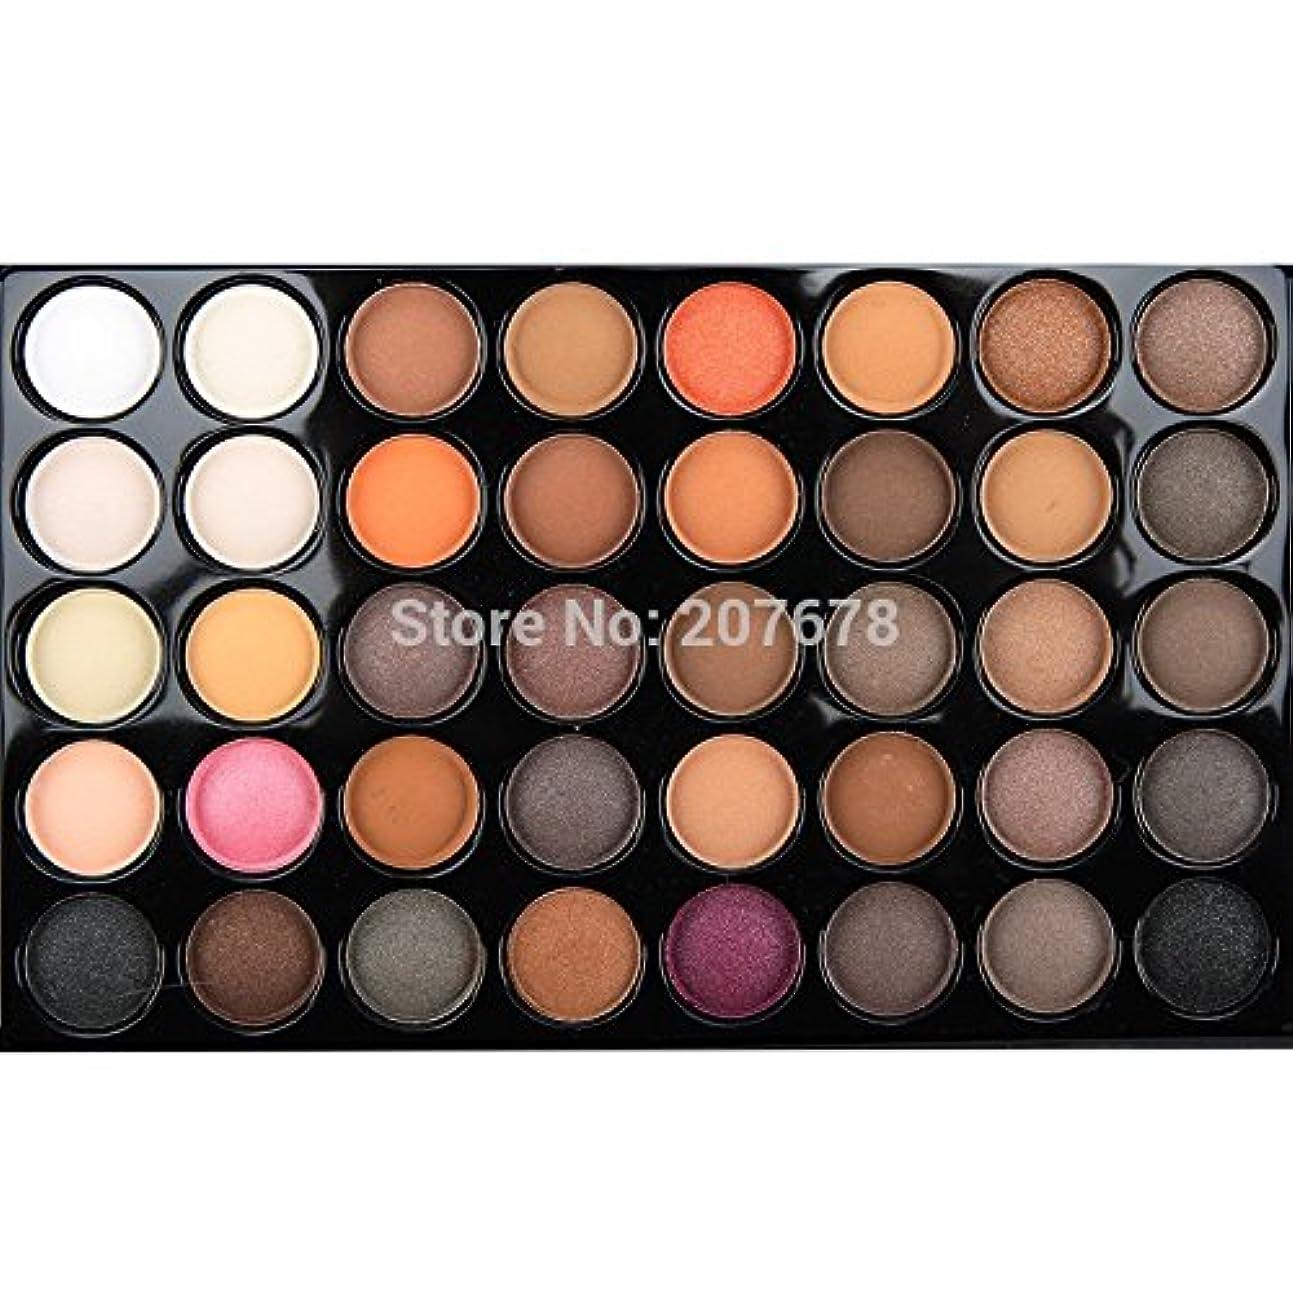 配分問題リル40 Color Matte Eyeshadow Pallete Make Up Palette Eye Shadow Glitter Natural Easy to Wear Waterproof Lasting Makeup...